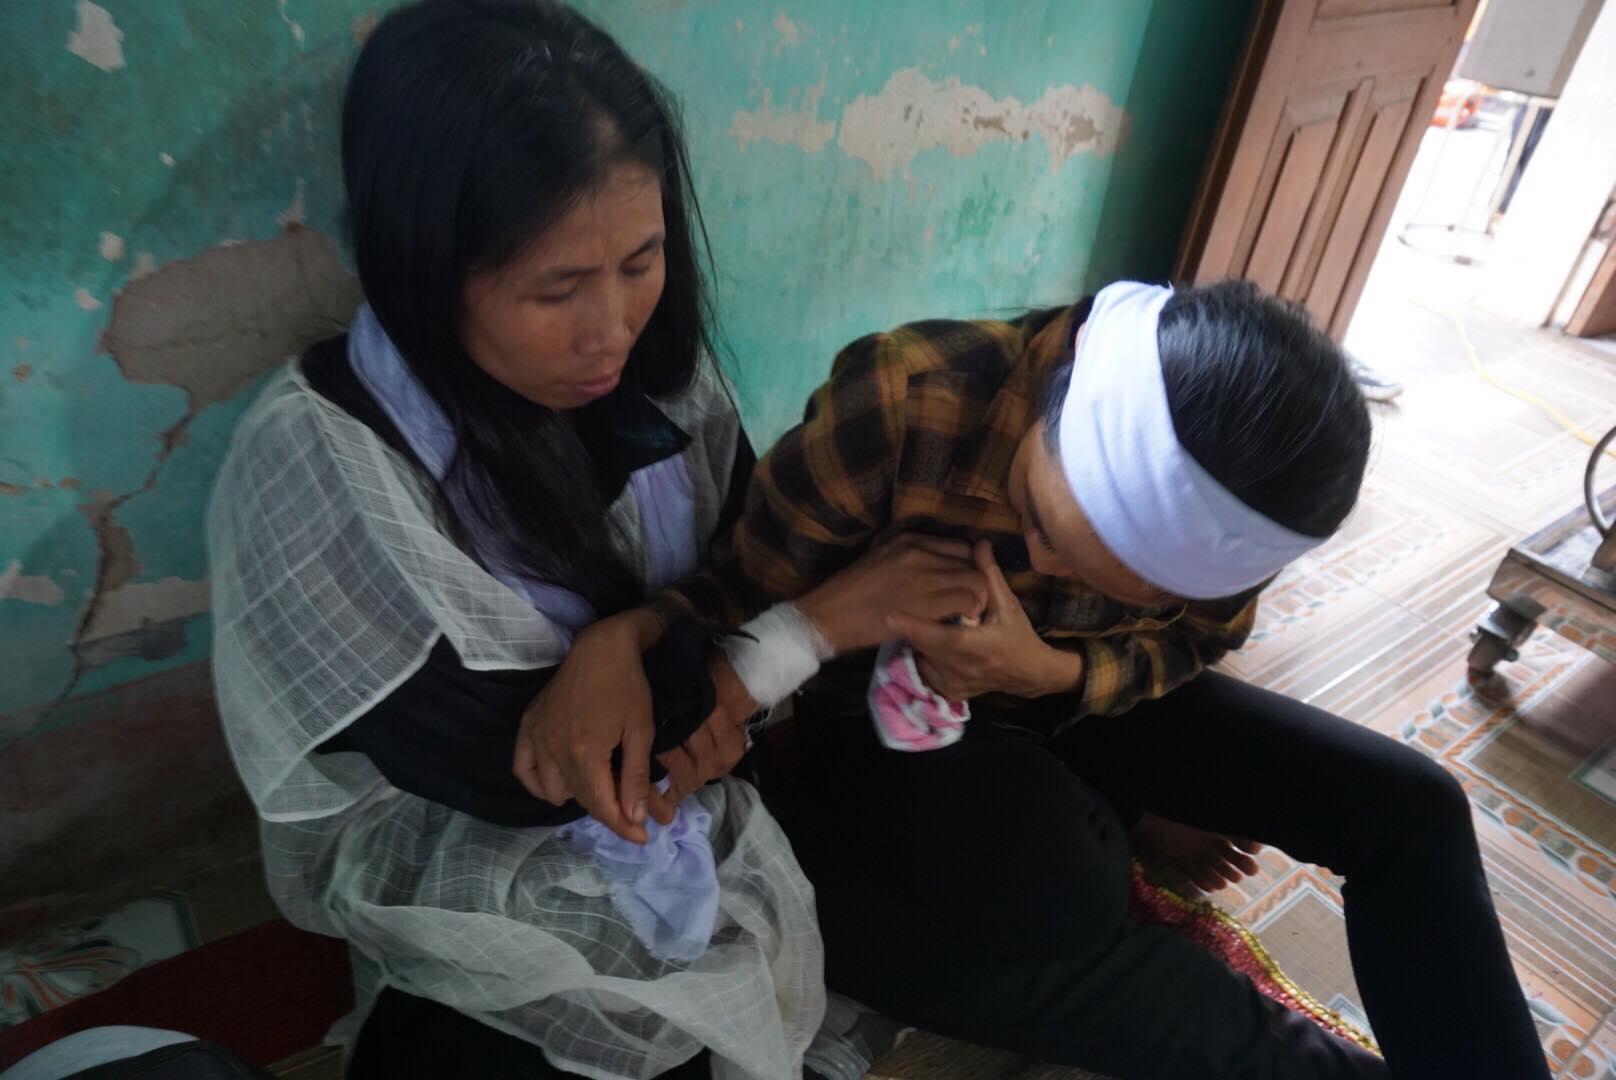 Hình ảnh Vụ 3 người trong gia đình bị sát hại ở Thái Nguyên qua lời kể của nạn nhân số 1